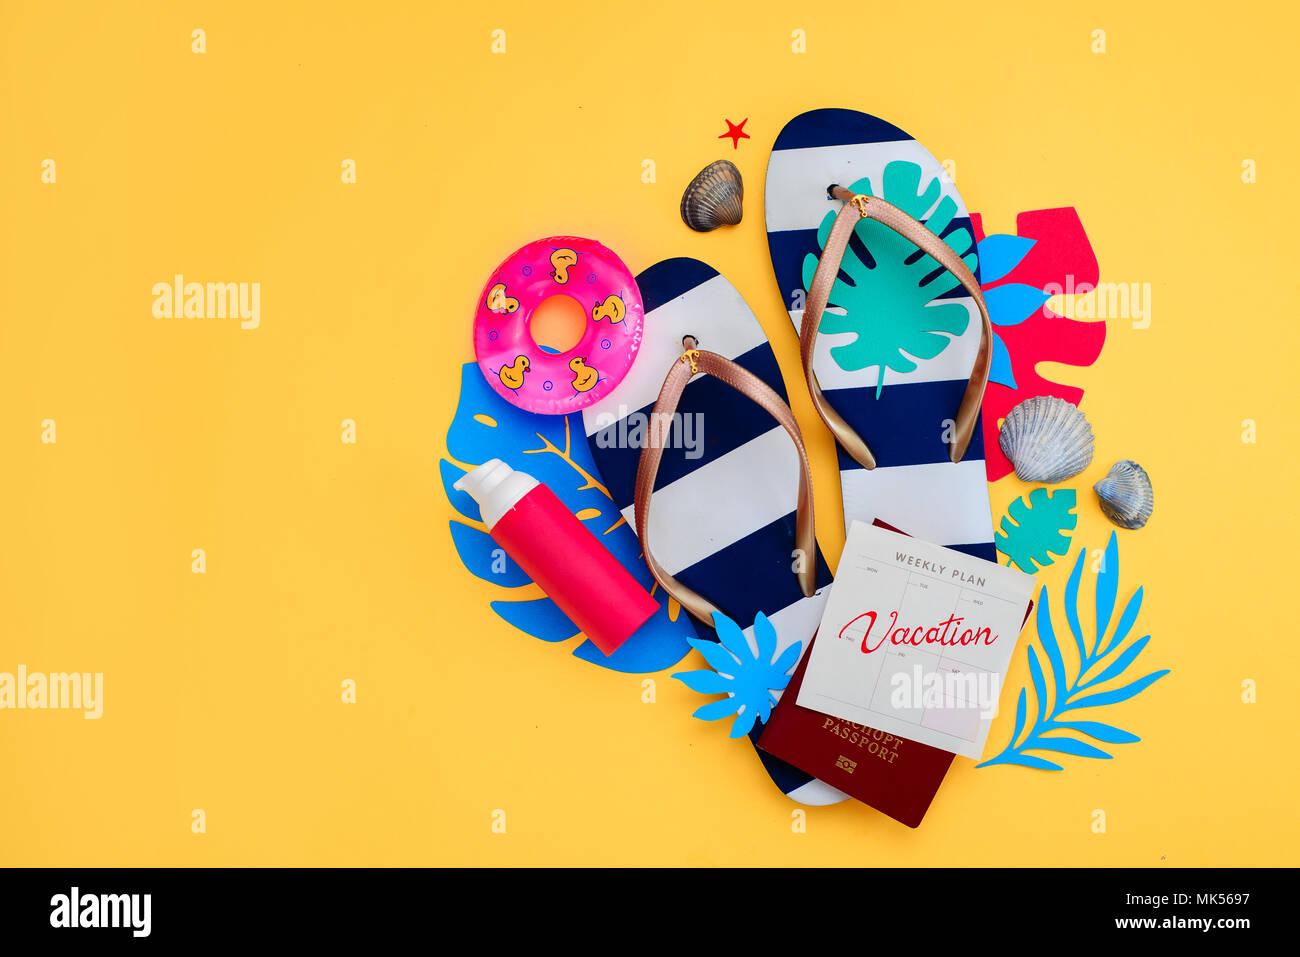 Sommerurlaub Konzept-, Reise- und Strand Zubehör mit kopieren. Flip Flops, tropische Blätter und einen Kalender mit Ferien Hinweis auf ein leuchtend gelben Hintergrund. Stockbild